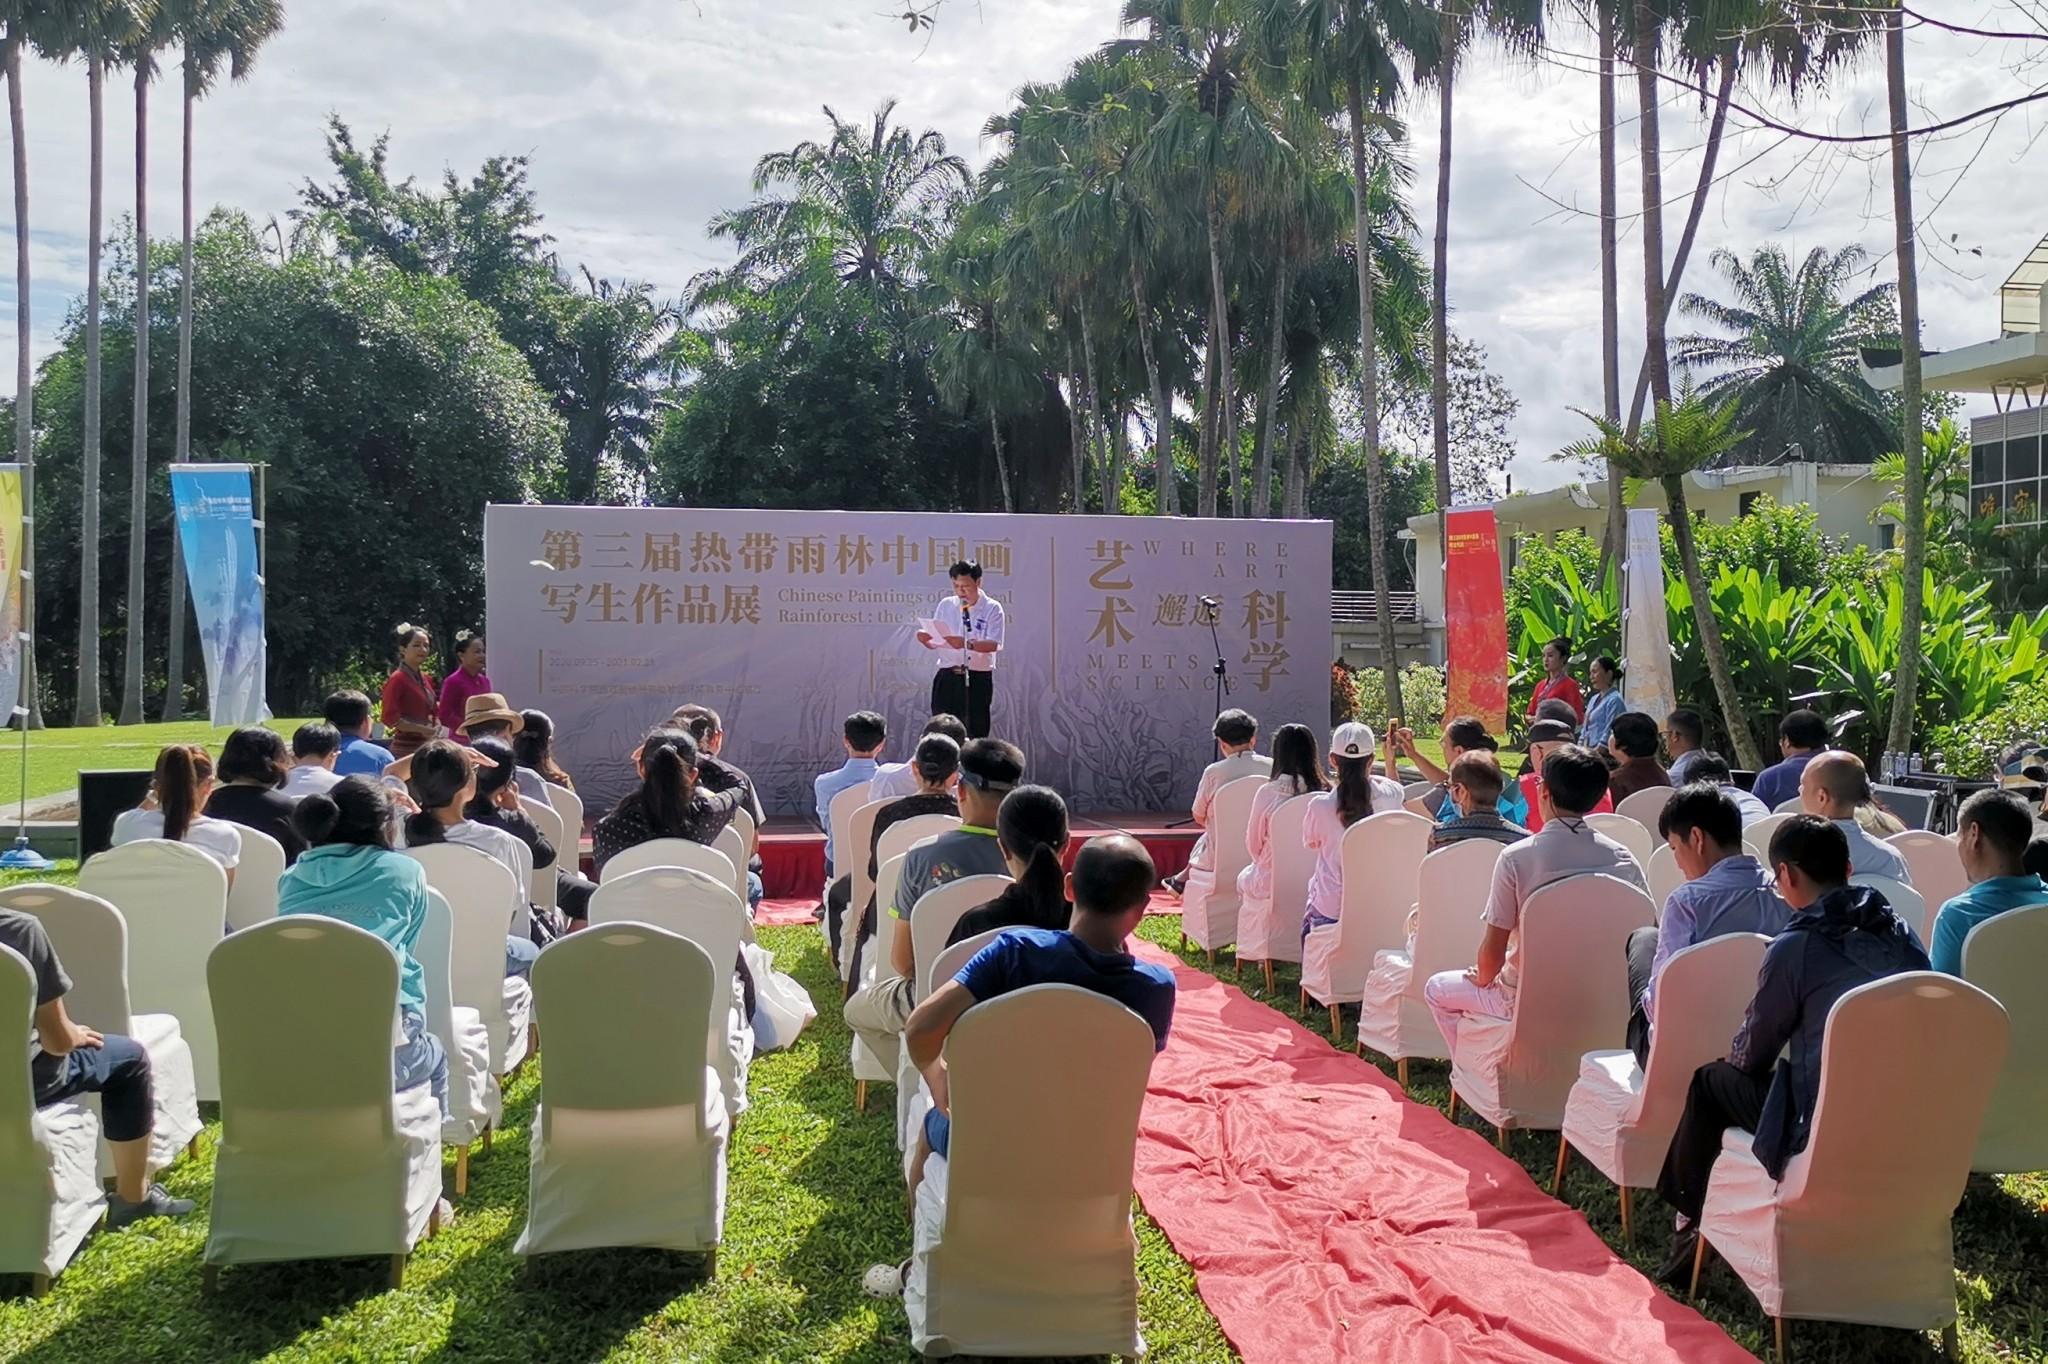 9月25日,第三届艺术邂逅科学——热带雨林中国画写生作品展开幕。画家代表、西南大学教授苏甦在开幕式上致辞。